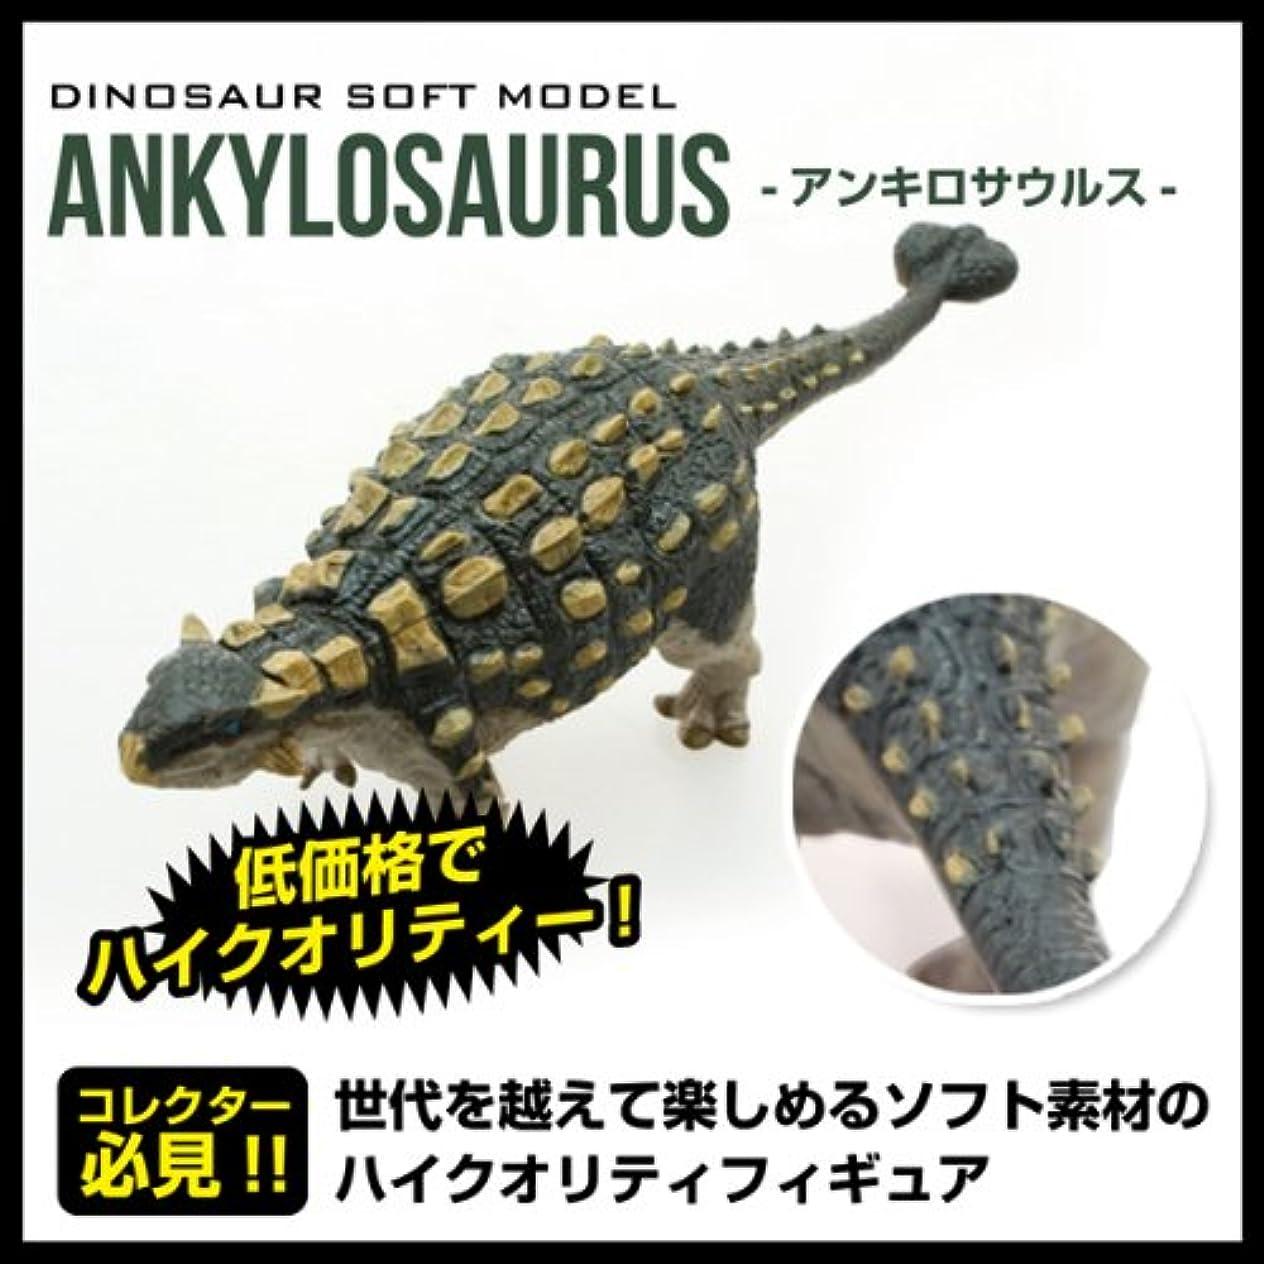 飲料レジデンス良いFAVORITE(フェバリット) 恐竜フィギュア ダイナソー ソフトモデル アンキロサウルス